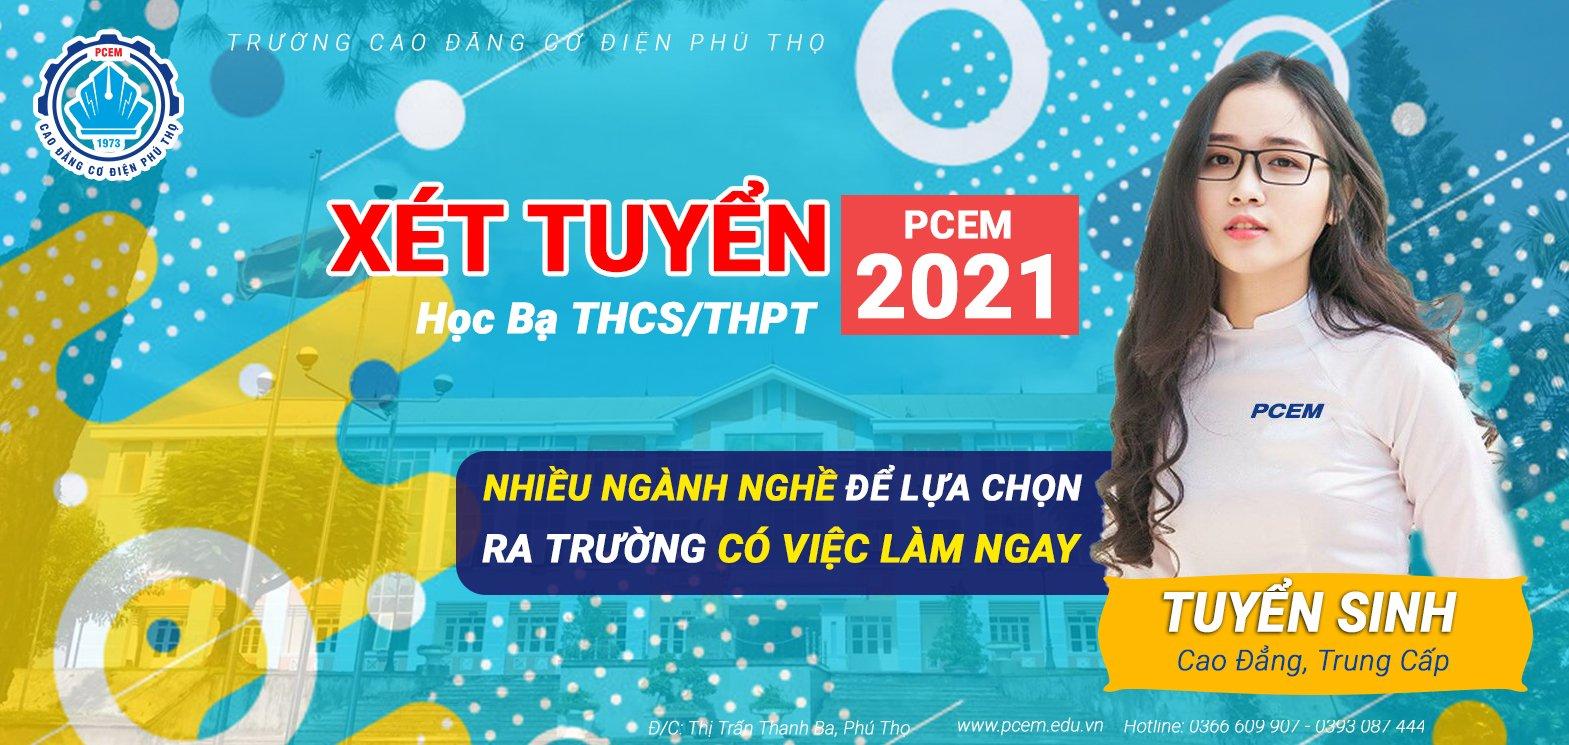 Trường Cao đẳng Cơ điện Phú Thọ tuyển sinh năm 2021 - Ảnh 3.